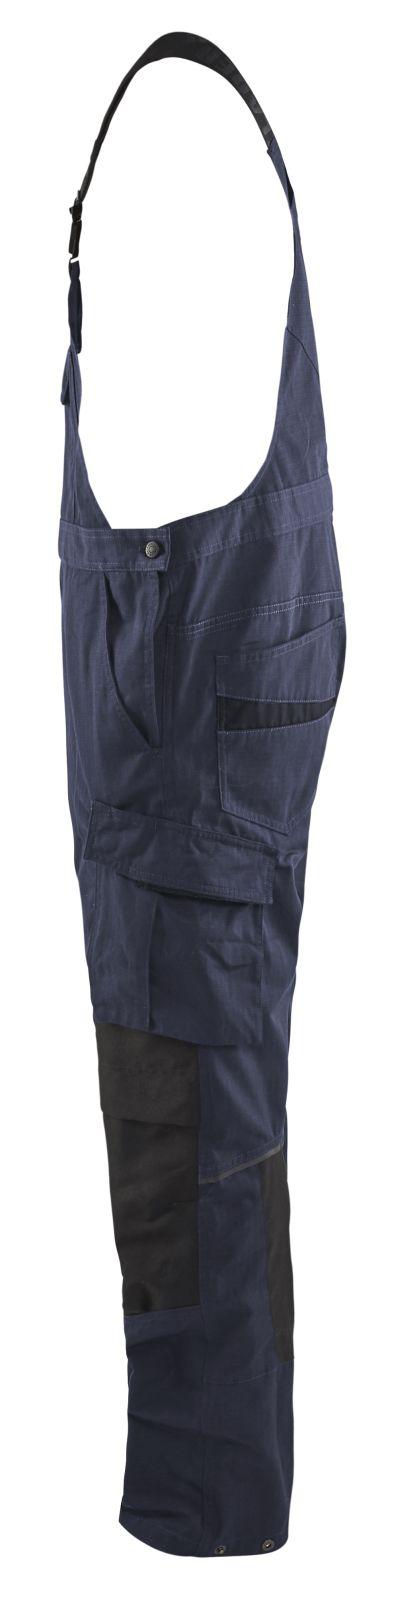 Blaklader Amerikaanse overalls 26951330 met Stretch donker marineblauw-zwart(8699)